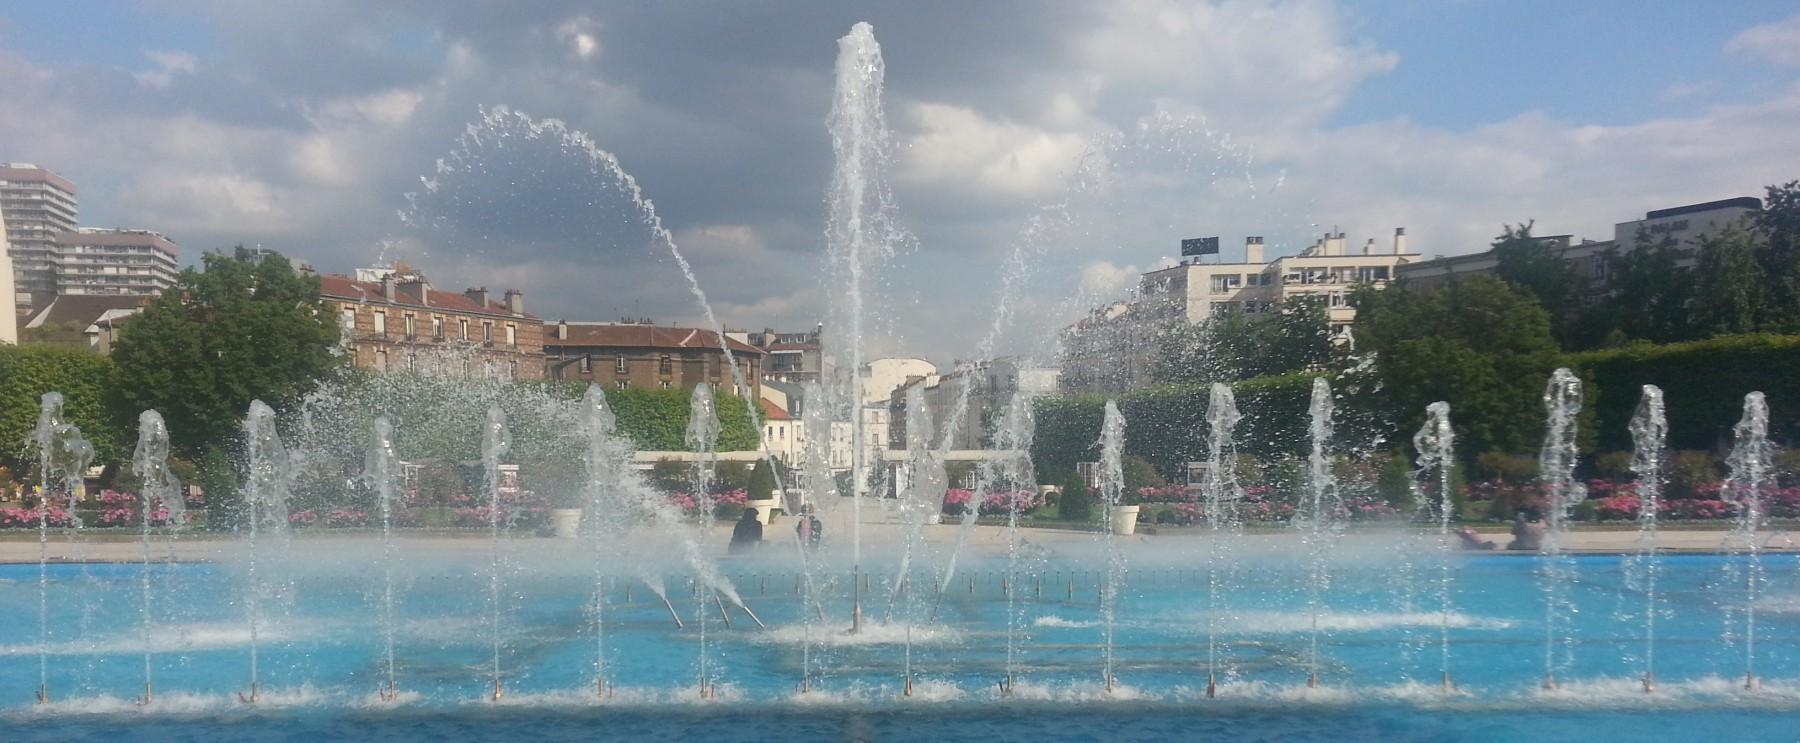 Fontaine Puteaux (92) matériel Aquaprism © Aquaprism